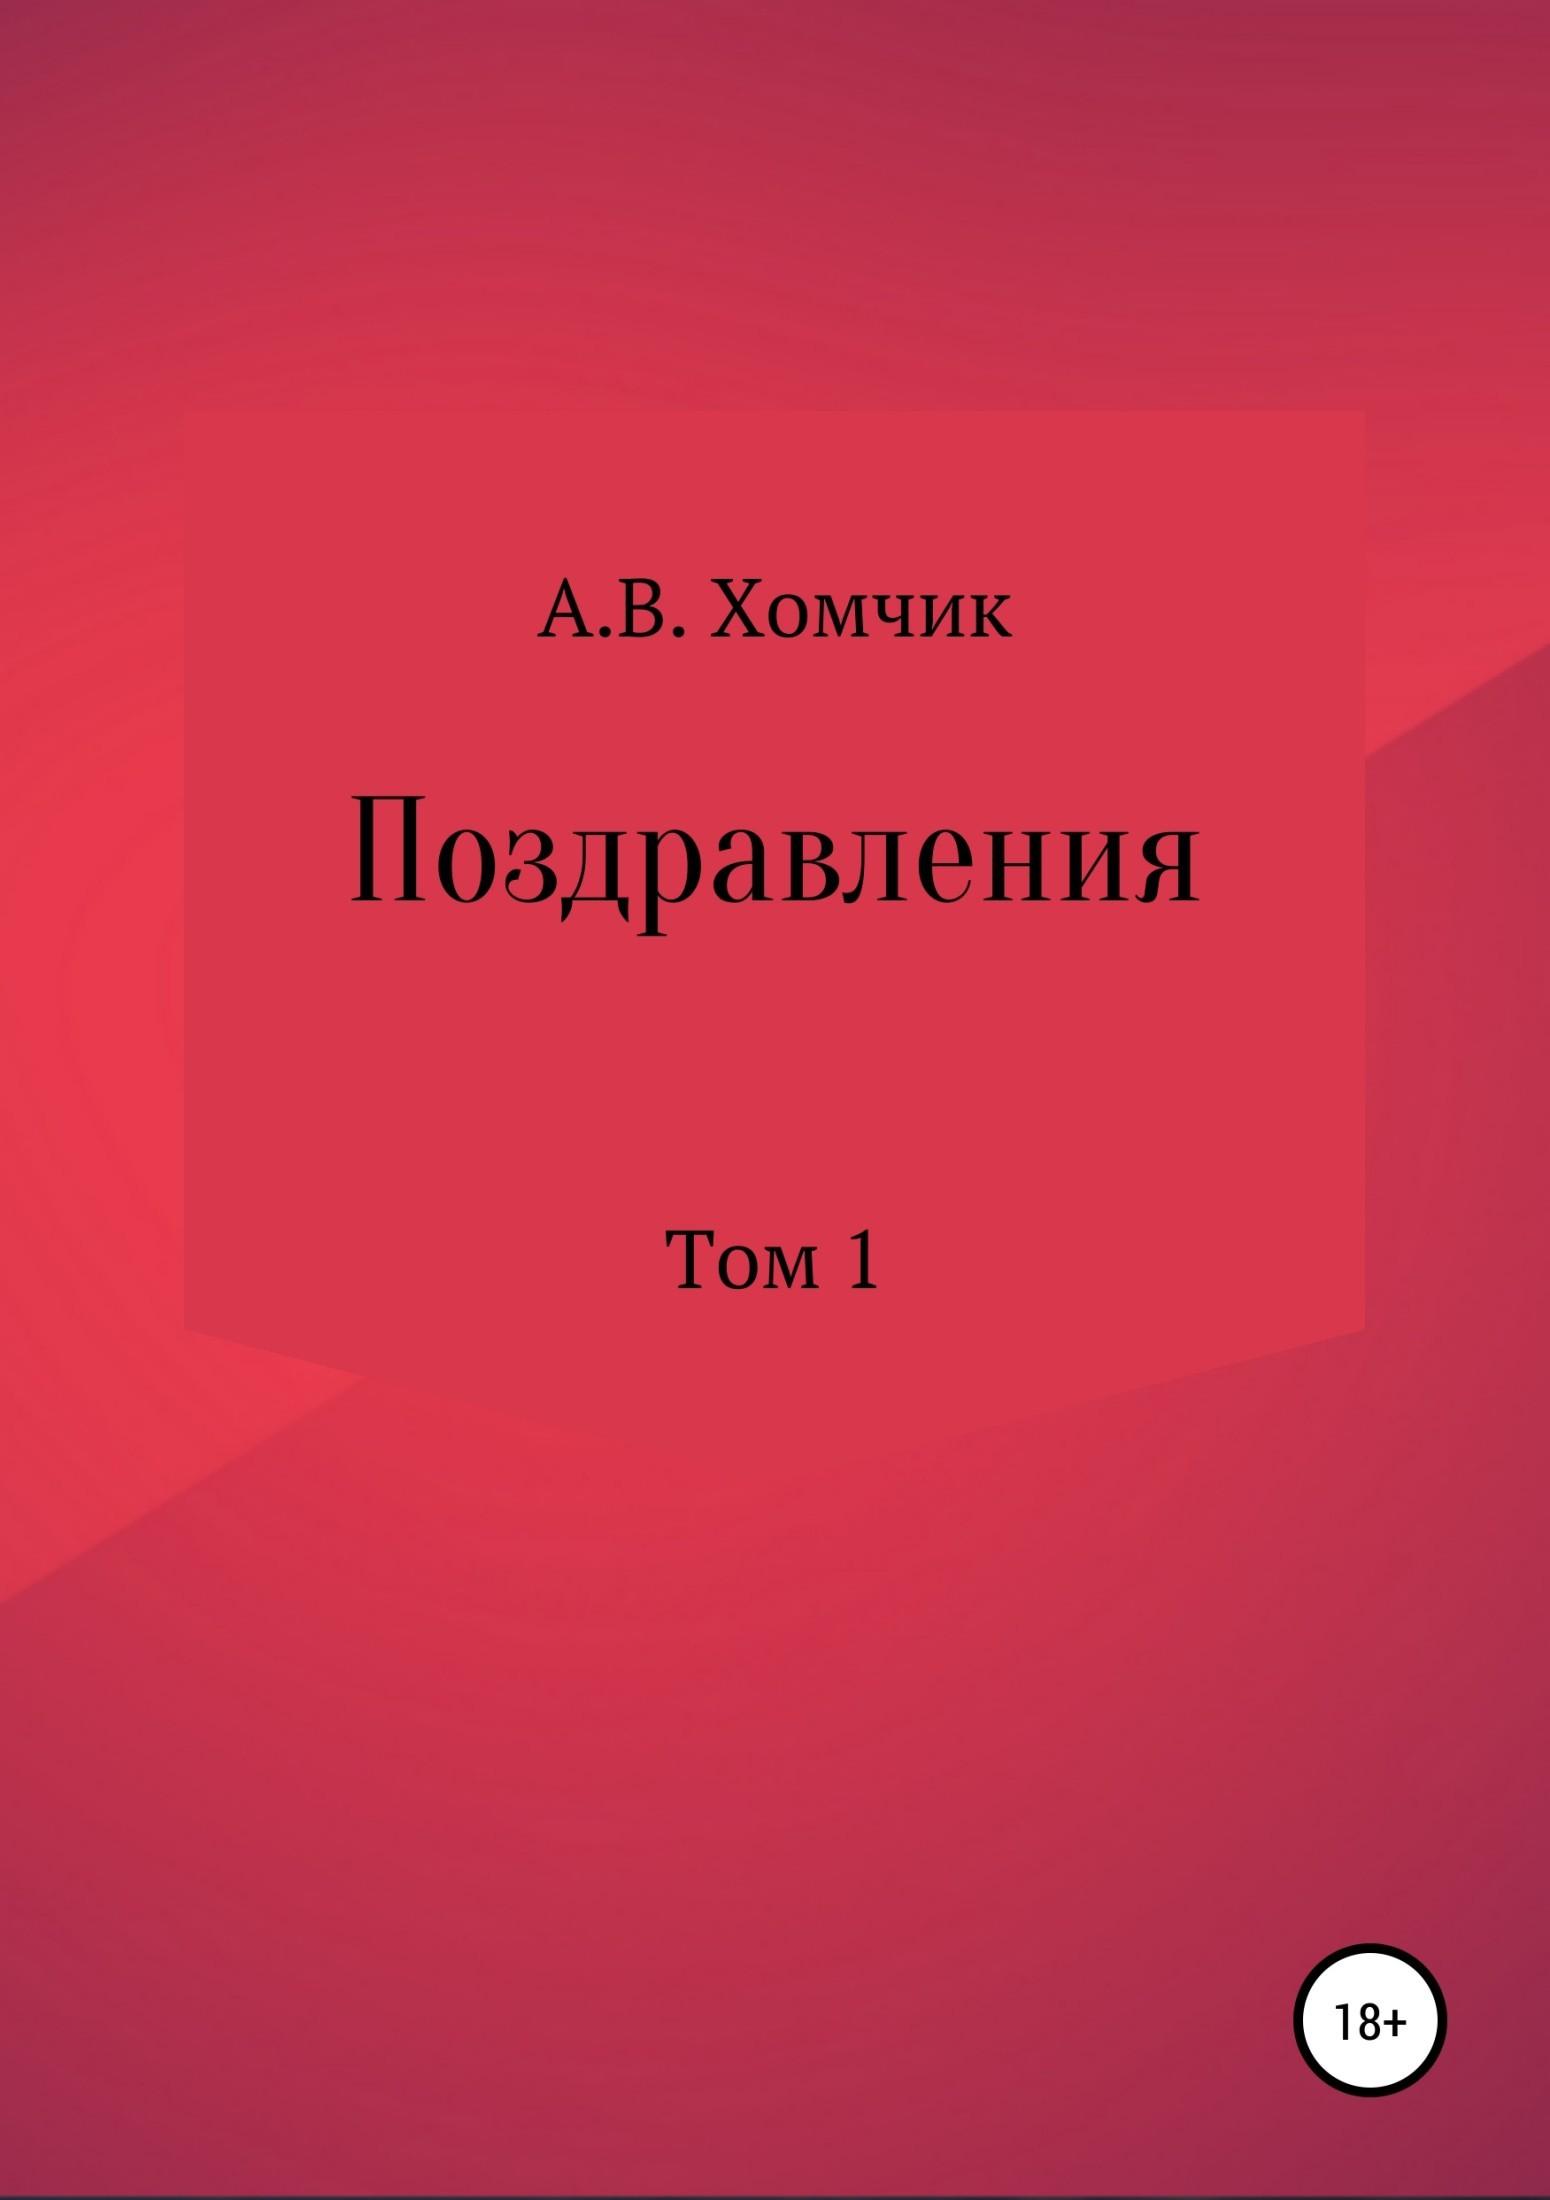 Александр Хомчик - Поздравления. Том 1